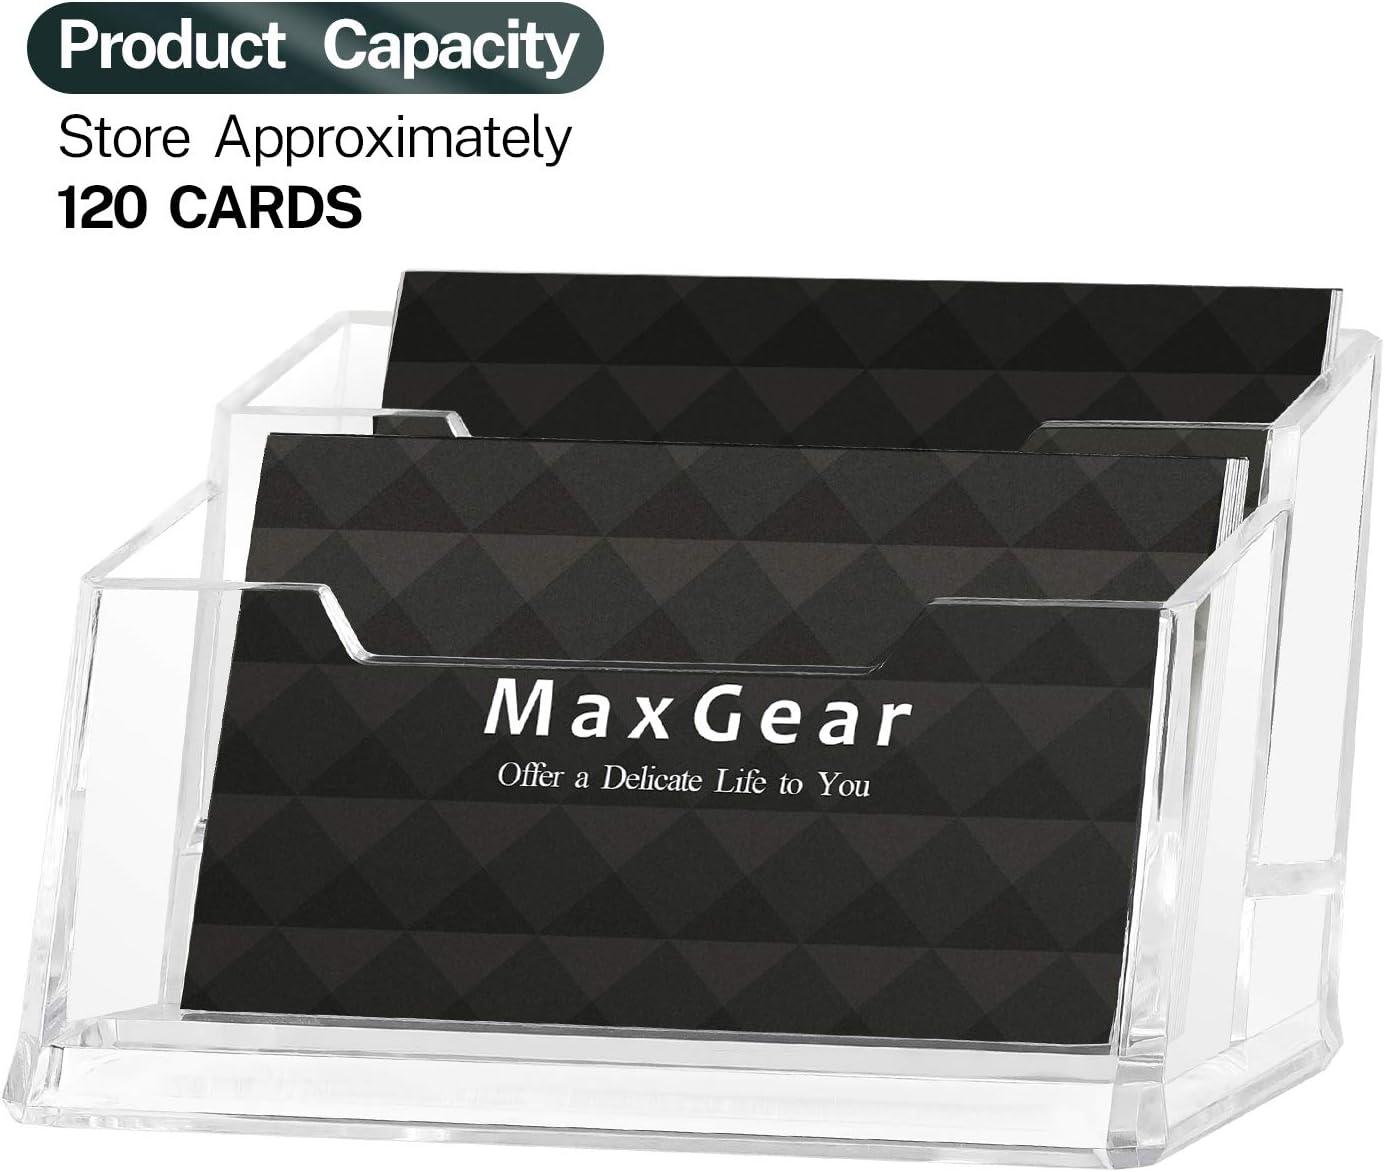 MaxGear Clear Acrylic Business Card Holder 48 Pocket Business Card Display  Plastic Business Card Stand Holder Desktop Multi Business Card Holder with